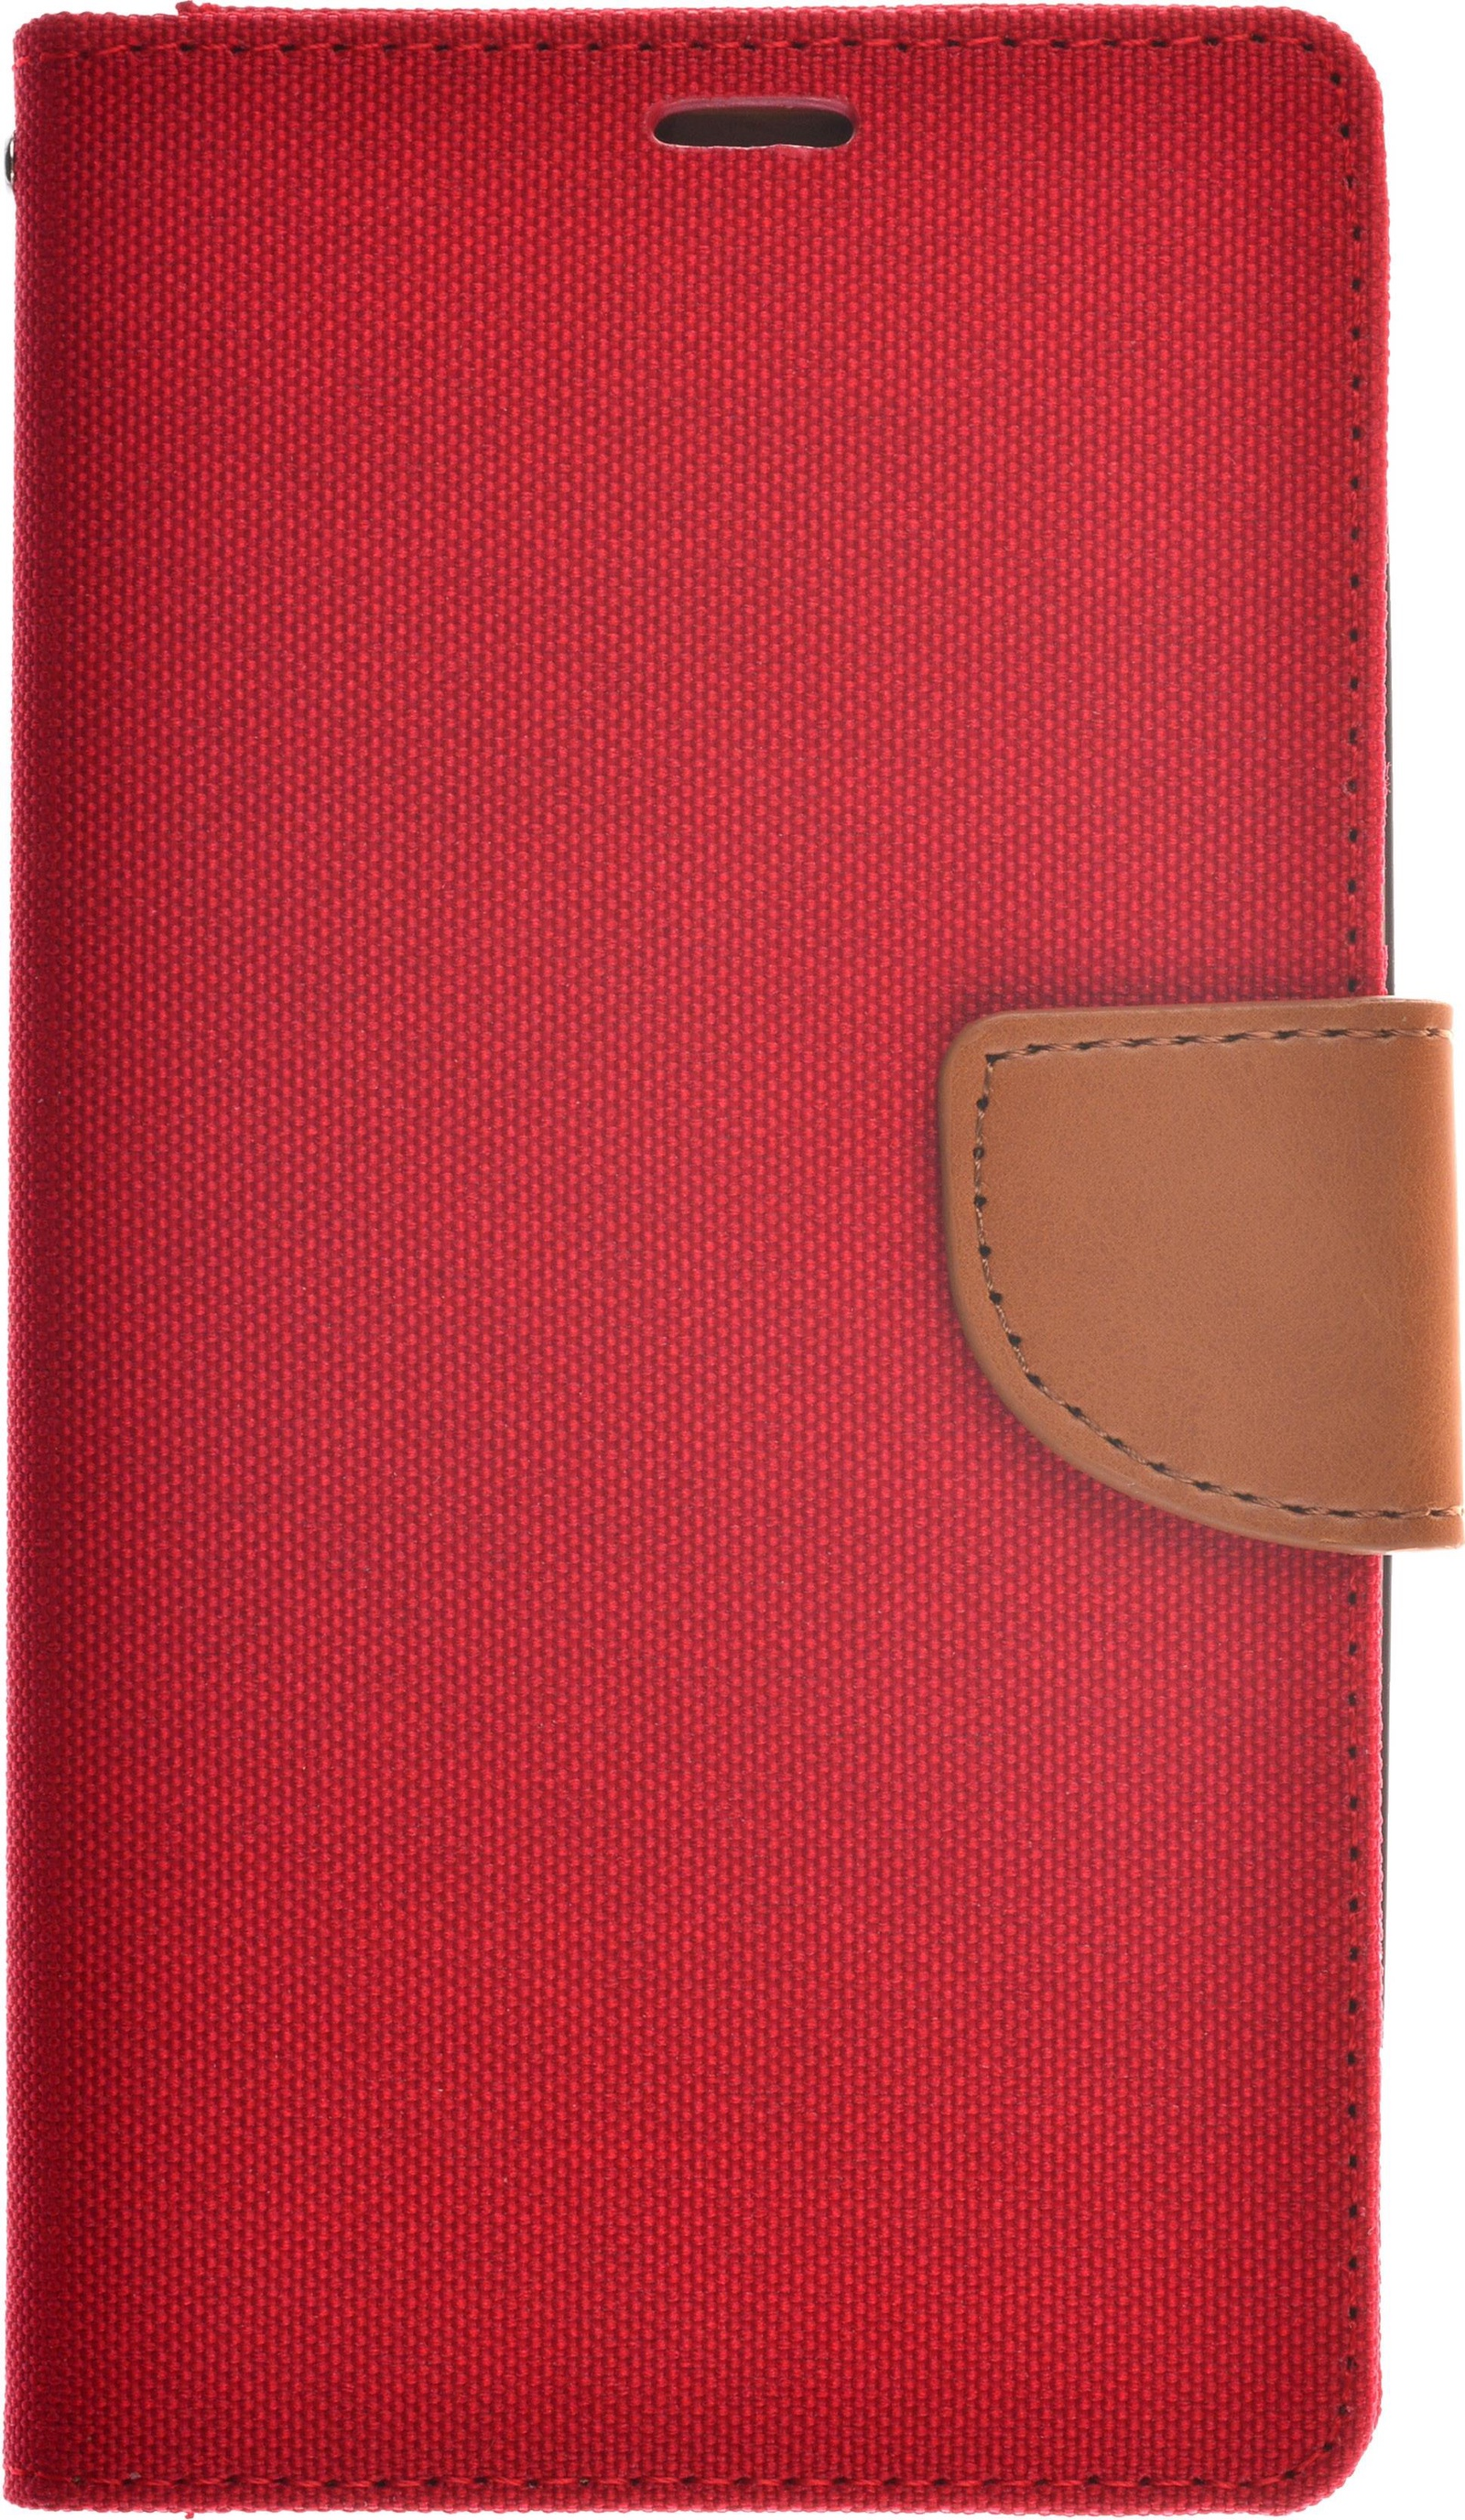 Чехол для сотового телефона skinBOX MS, 4660041407280, красный стоимость